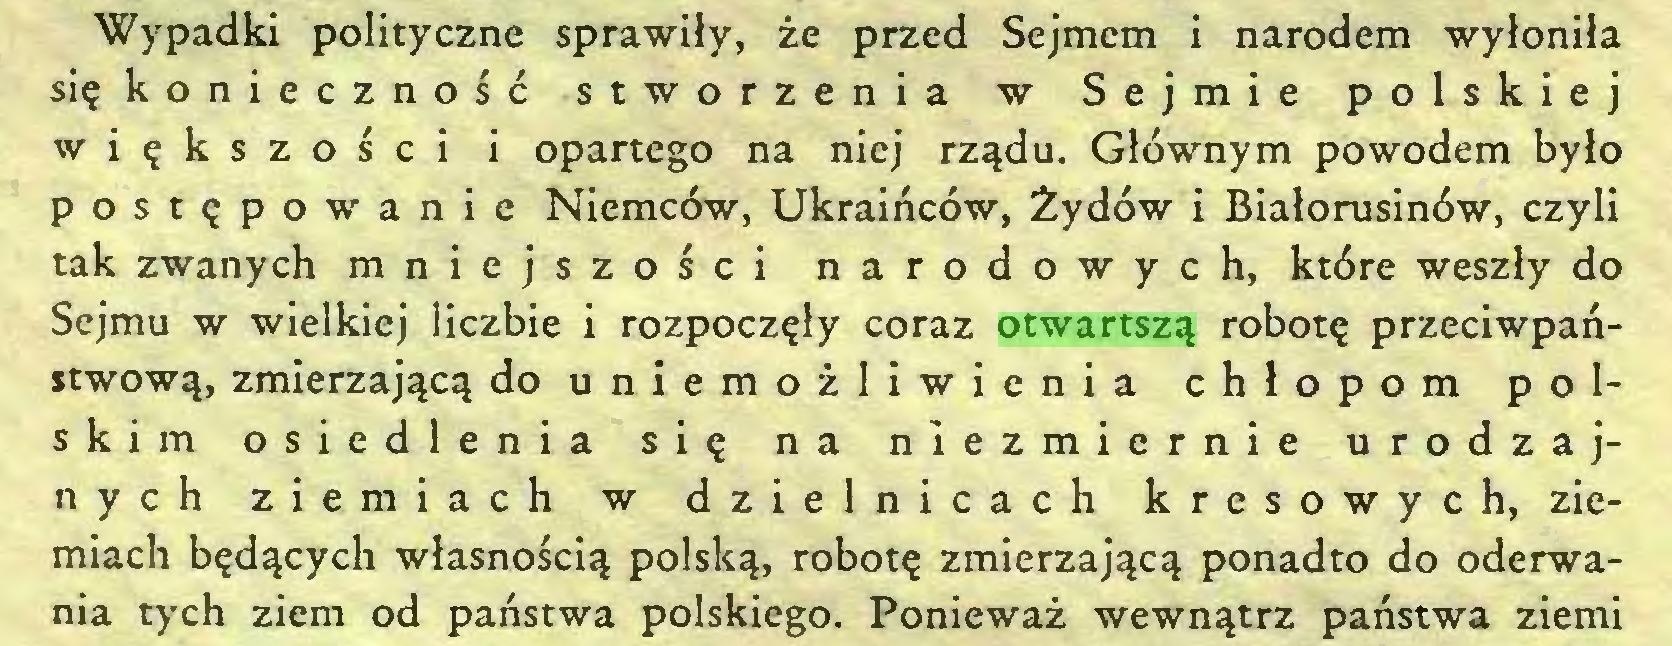 (...) Wypadki polityczne sprawiły, że przed Sejmem i narodem wyłoniła się konieczność stworzenia w Sejmie polskiej większości i opartego na niej rządu. Głównym powodem było postępowanie Niemców, Ukraińców, Żydów i Białorusinów, czyli tak zwanych mniejszości narodowych, które weszły do Sejmu w wielkiej liczbie i rozpoczęły coraz otwartszą robotę przeciwpaństwową, zmierzającą do uniemożliwienia chłopom polskim osiedlenia się na niezmiernie urodzajnych ziemiach w dzielnicach kresowych, ziemiach będących własnością polską, robotę zmierzającą ponadto do oderwania tych ziem od państwa polskiego. Ponieważ wewnątrz państwa ziemi...